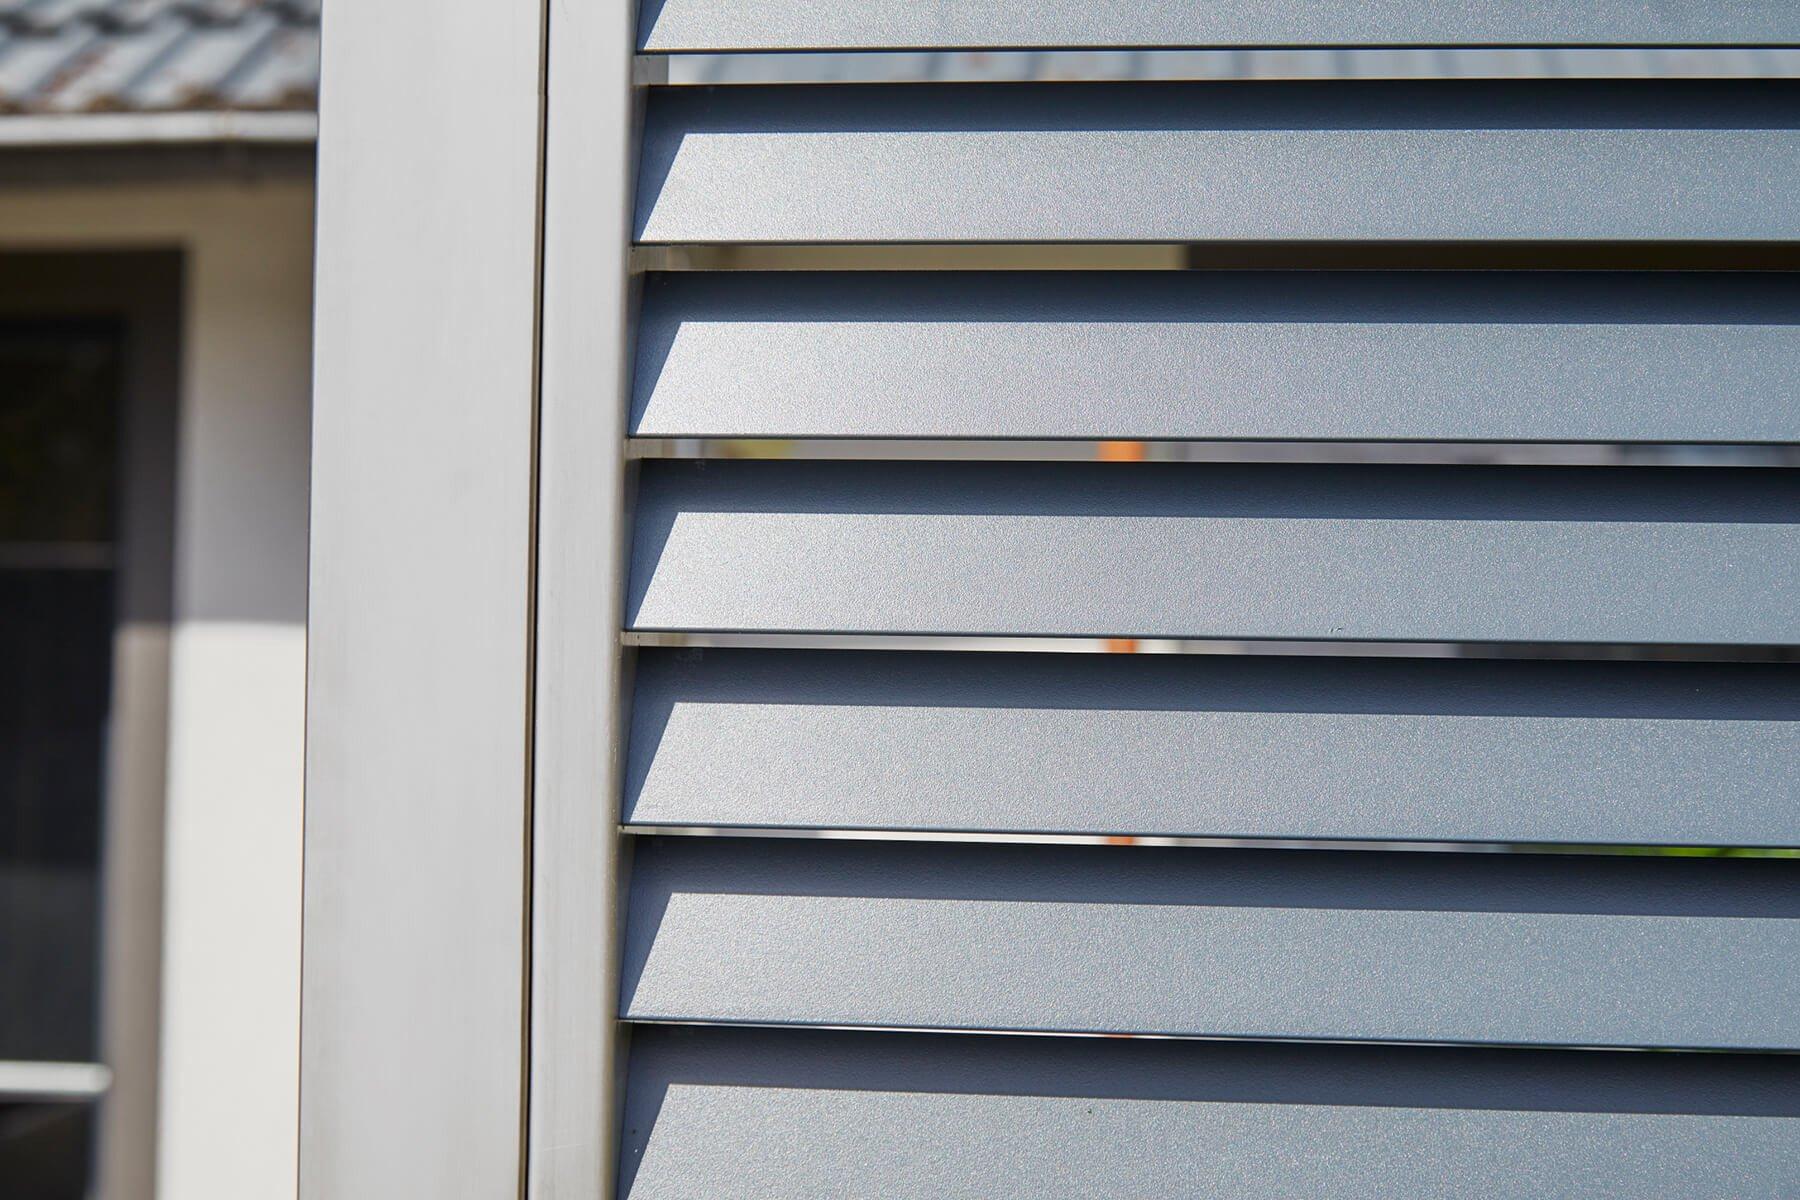 Lamellenzaun Porto mit Lamellen aus Aluminium in Anthrazit und weiteren Farben Pulverbeschichtung nach Wunsch